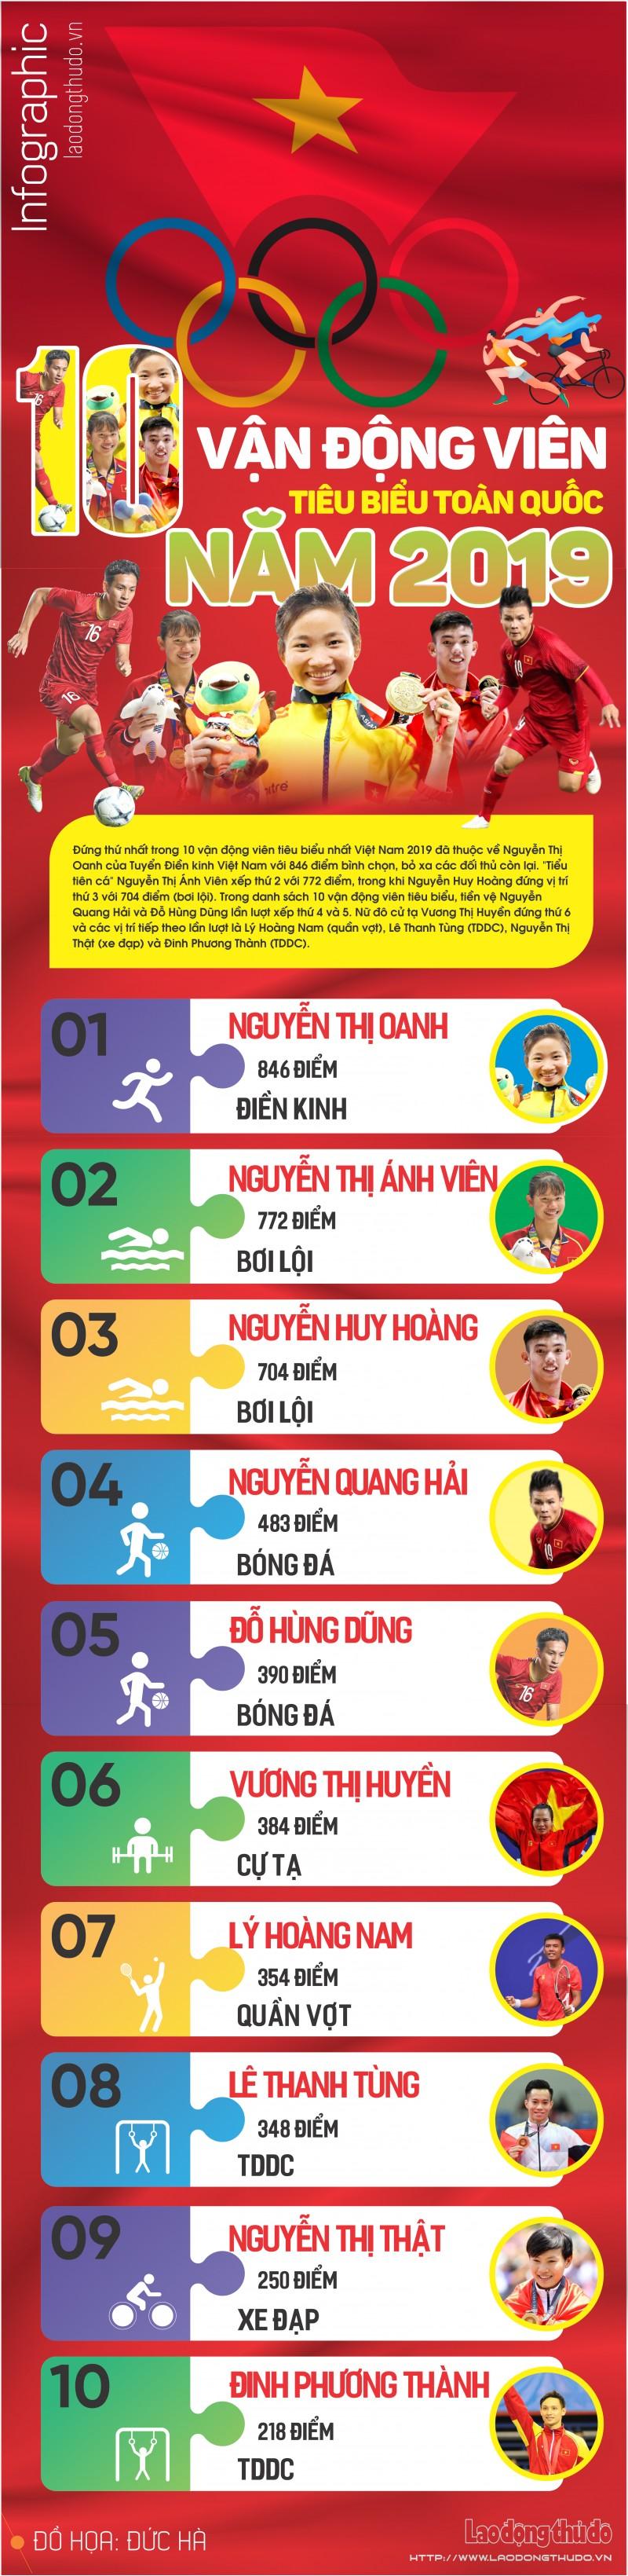 infographic 10 van dong vien tieu bieu toan quoc nam 2019